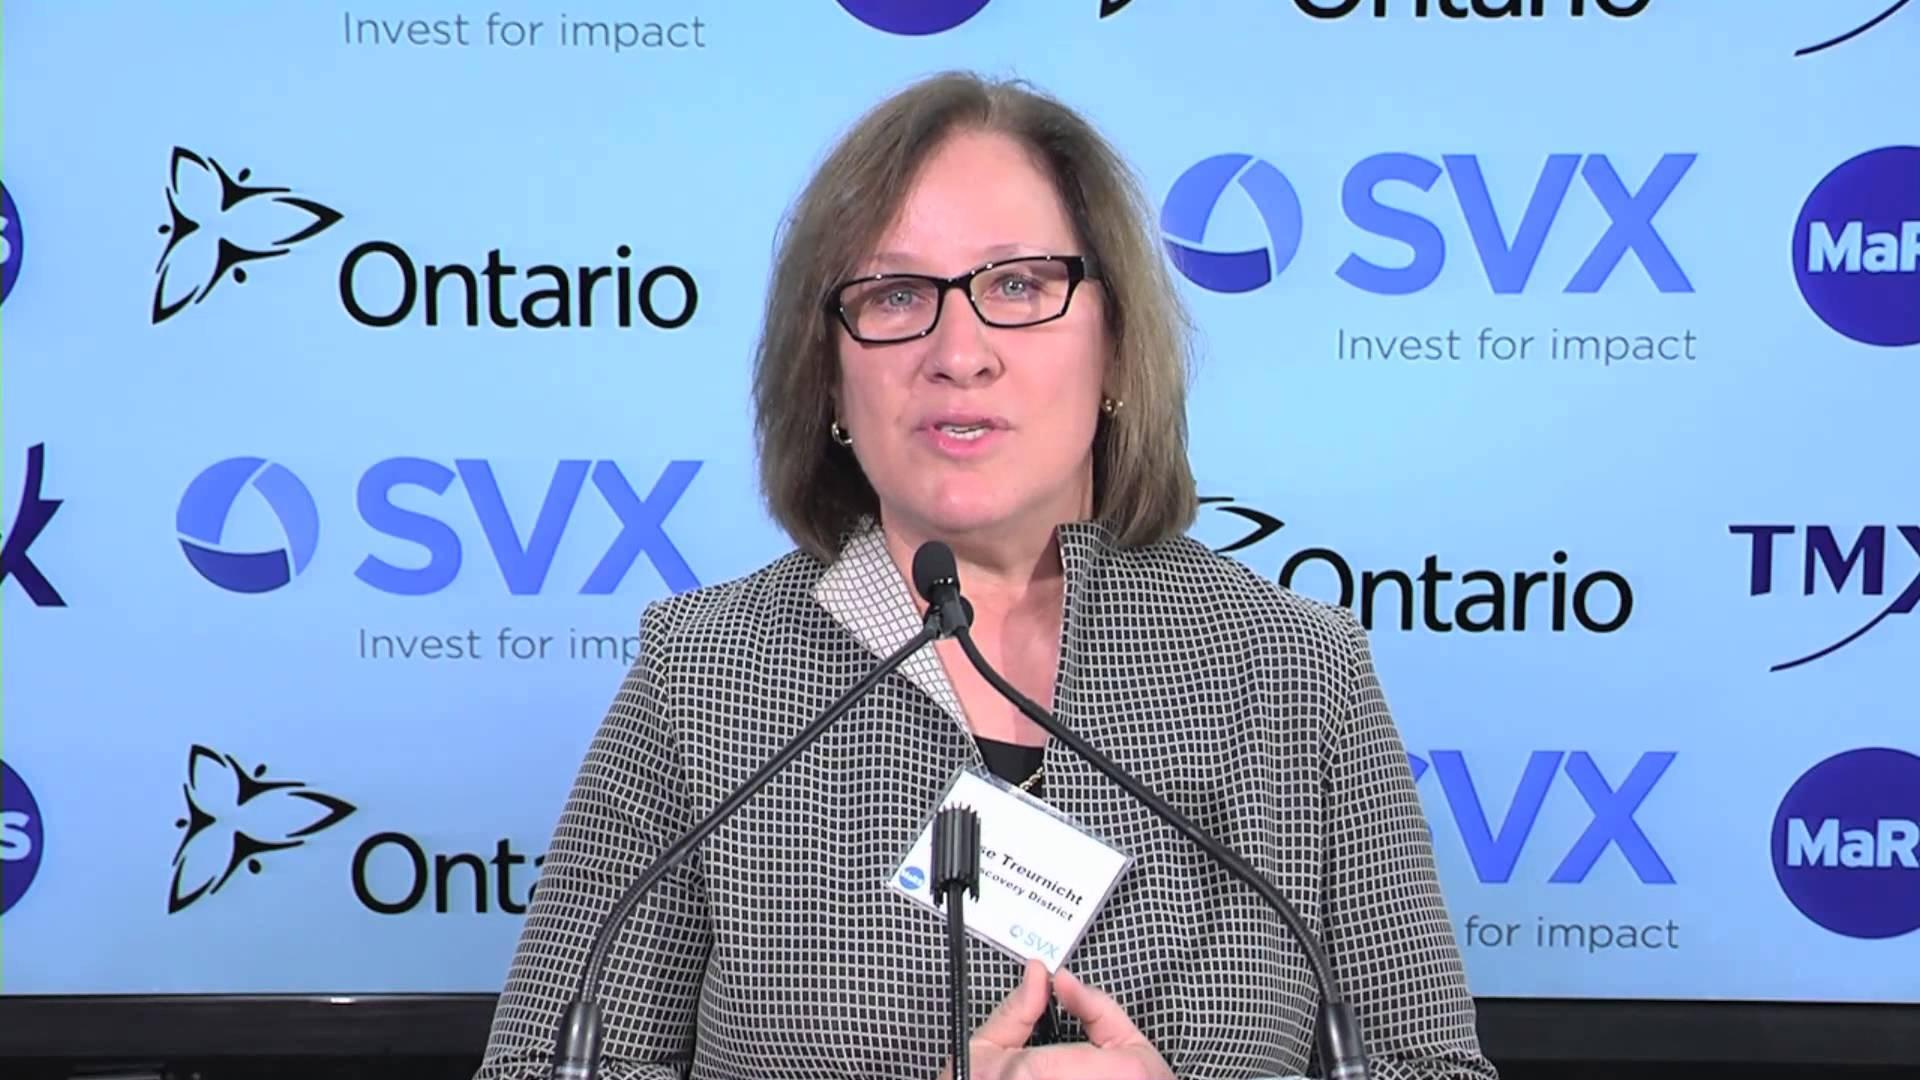 La CEO de MaRS asegura que la inmigración potencia la economía canadiense